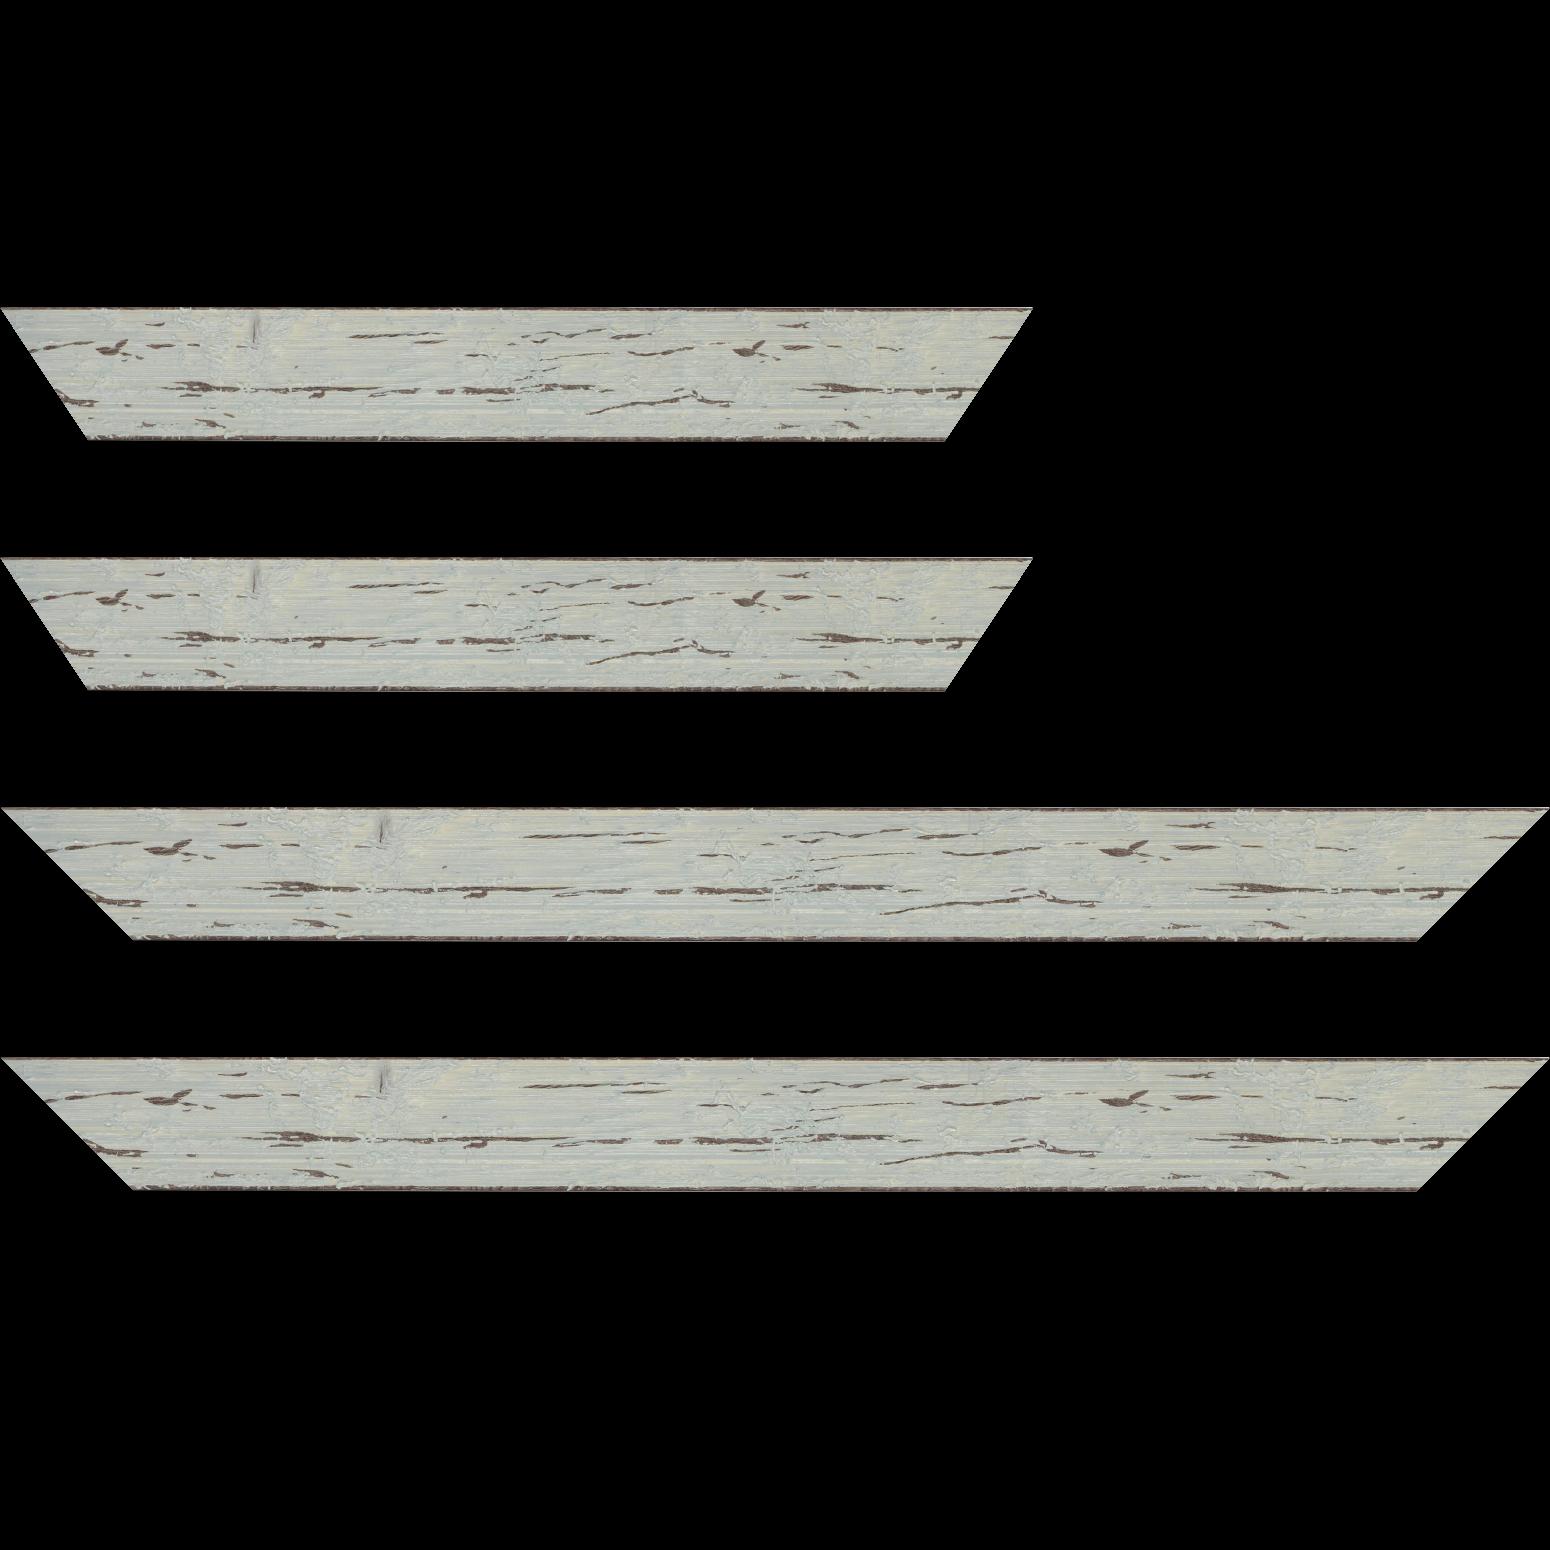 Baguette service précoupé Bois profil plat largeur 4.3cm couleur bleu délavé finition aspect vieilli antique